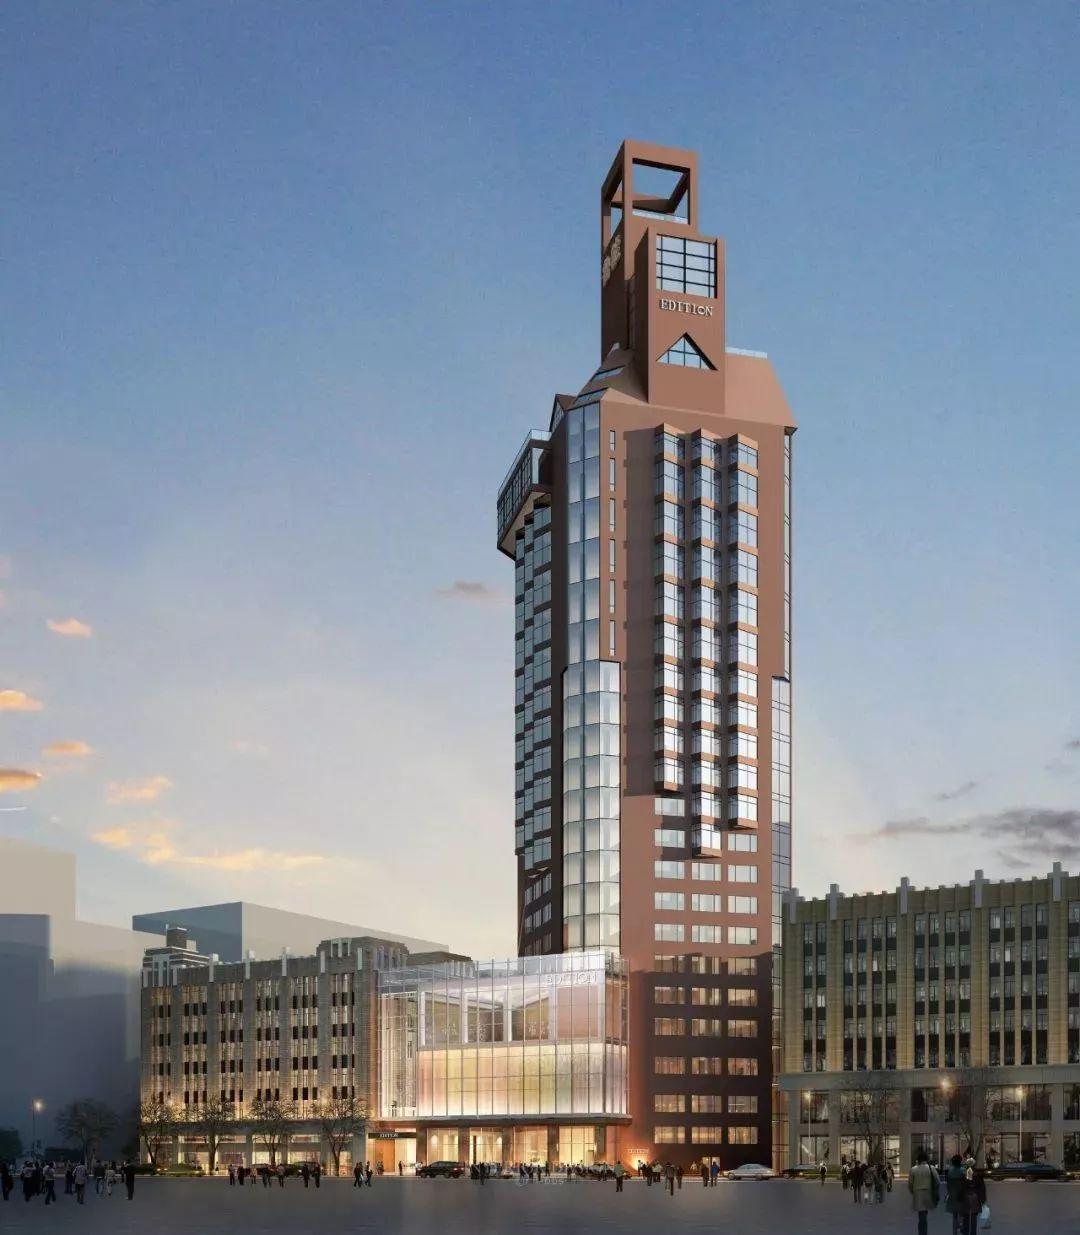 东方历史建筑邂逅新一代奢华   上海艾迪逊酒店正式揭幕